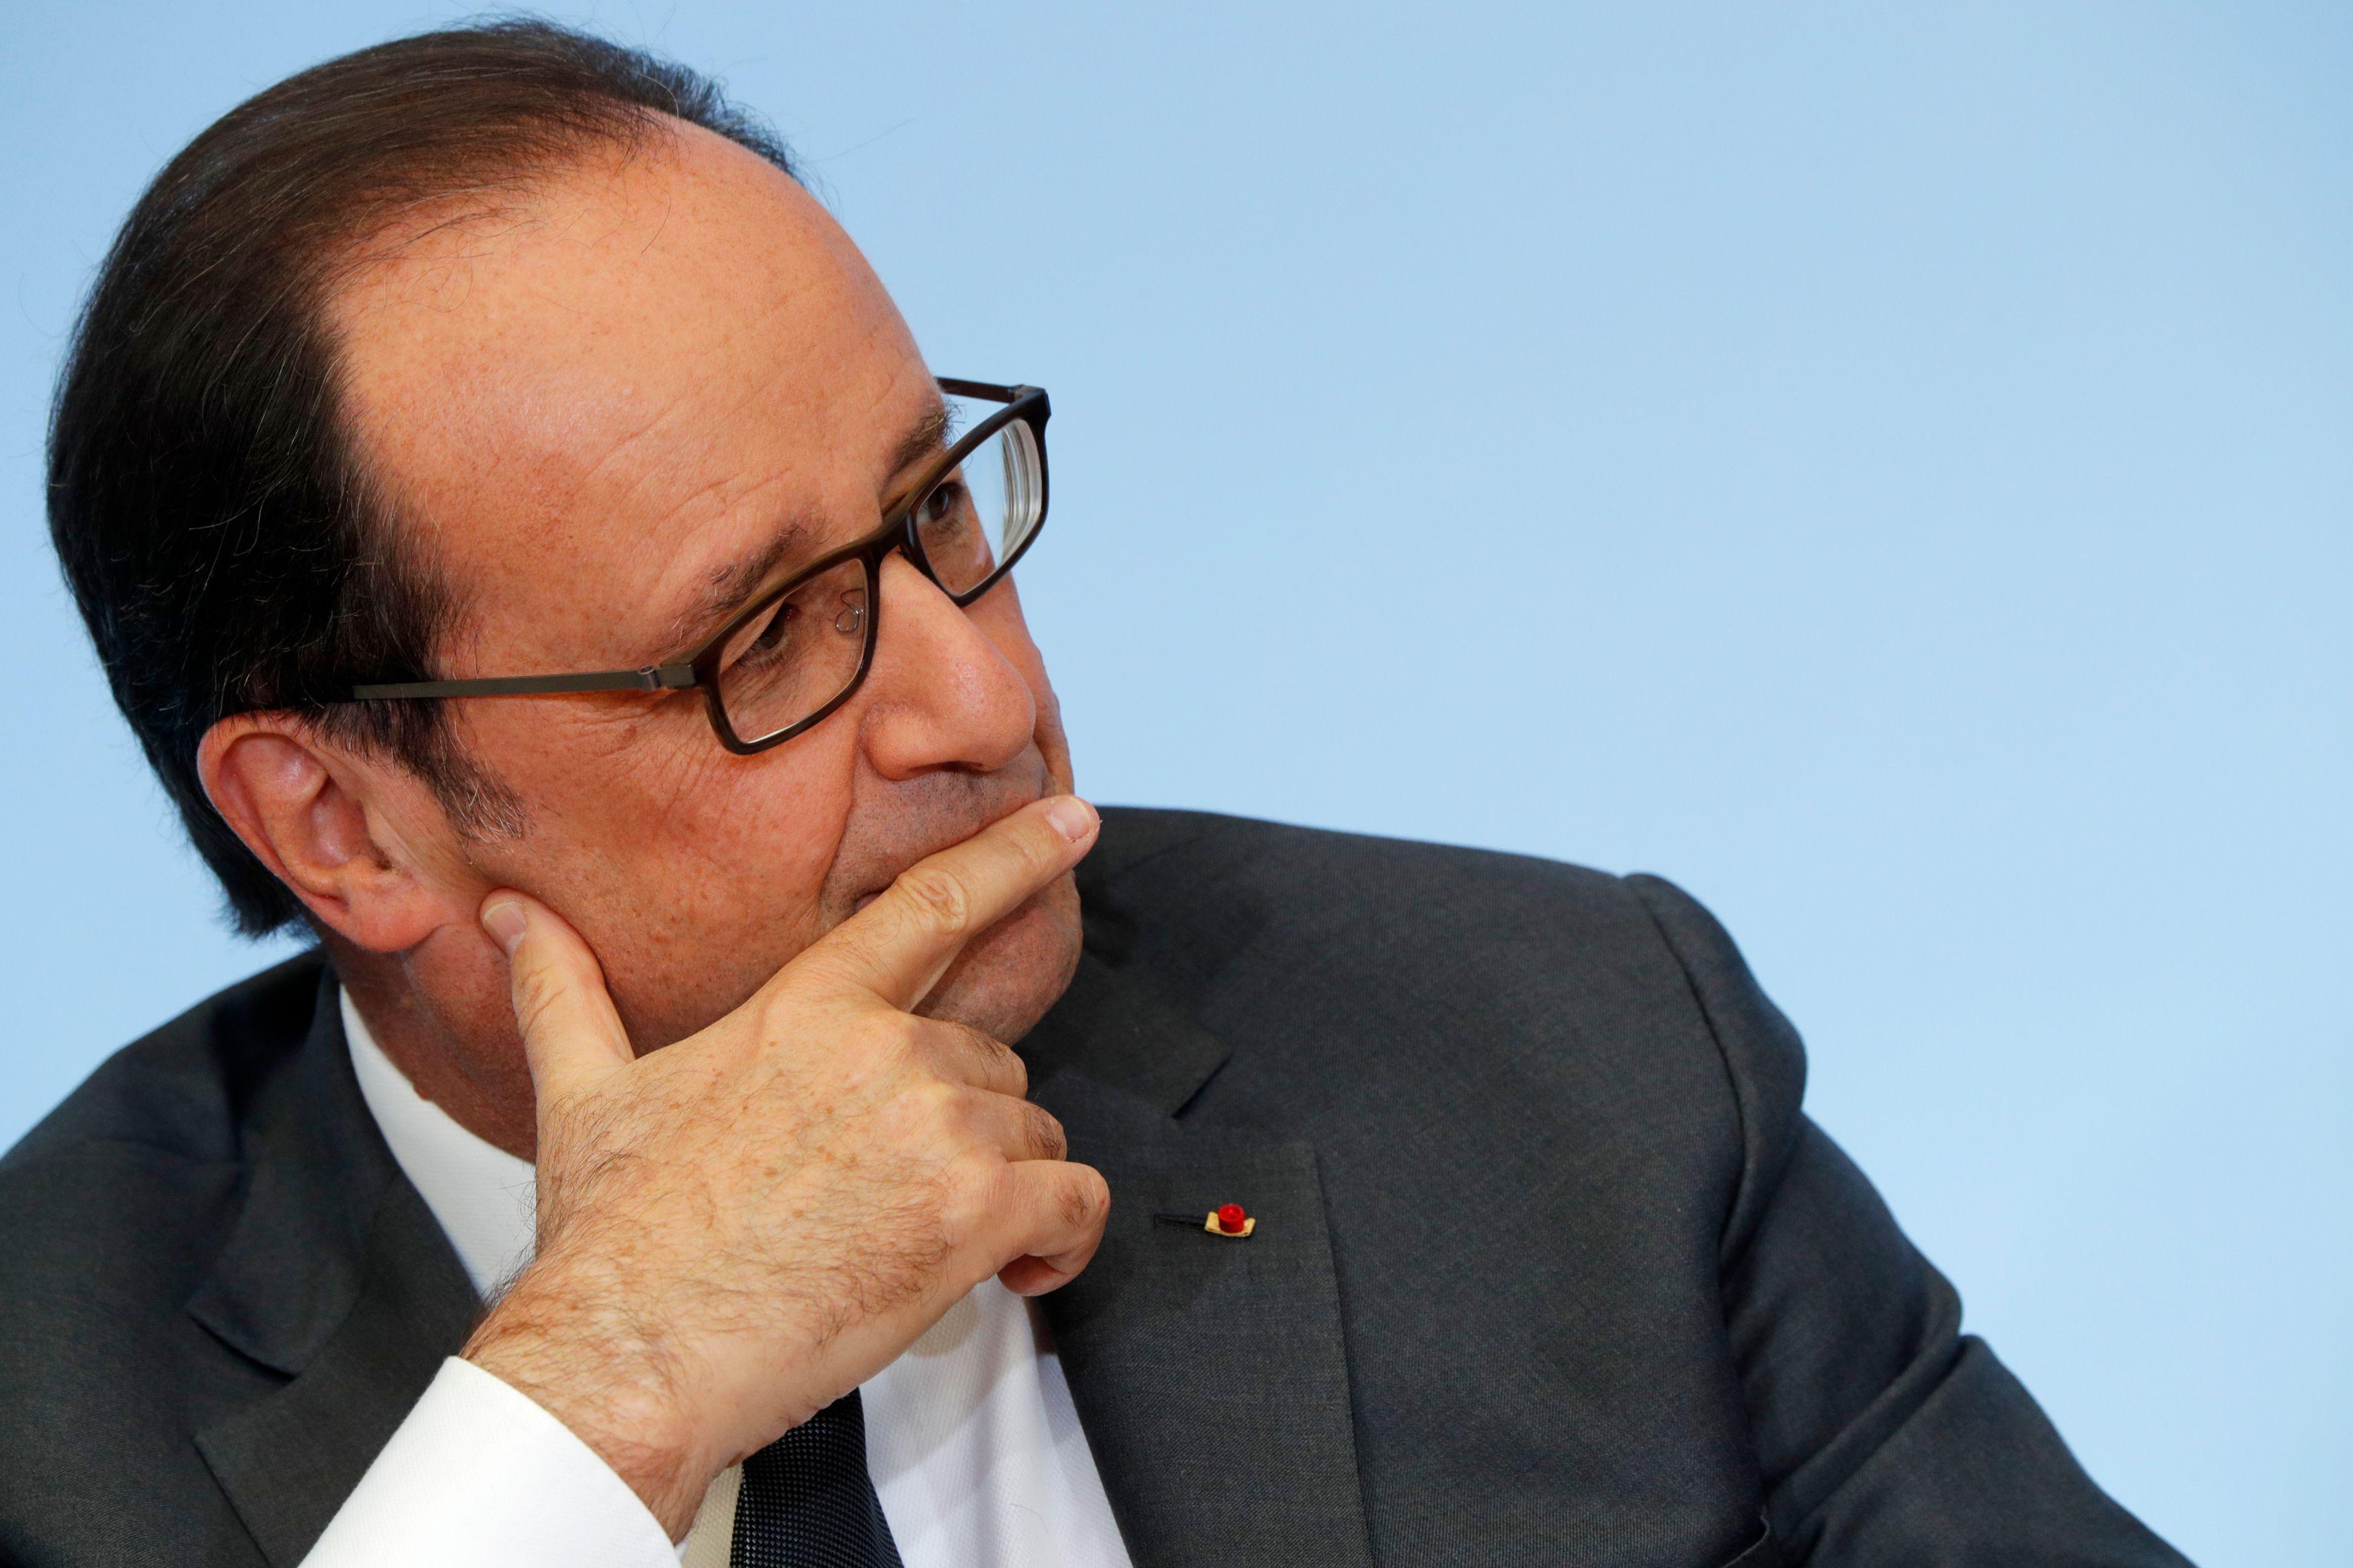 Présidentielle 2017 : 60% des Français estiment que François Hollande ne doit soutenir aucun candidat